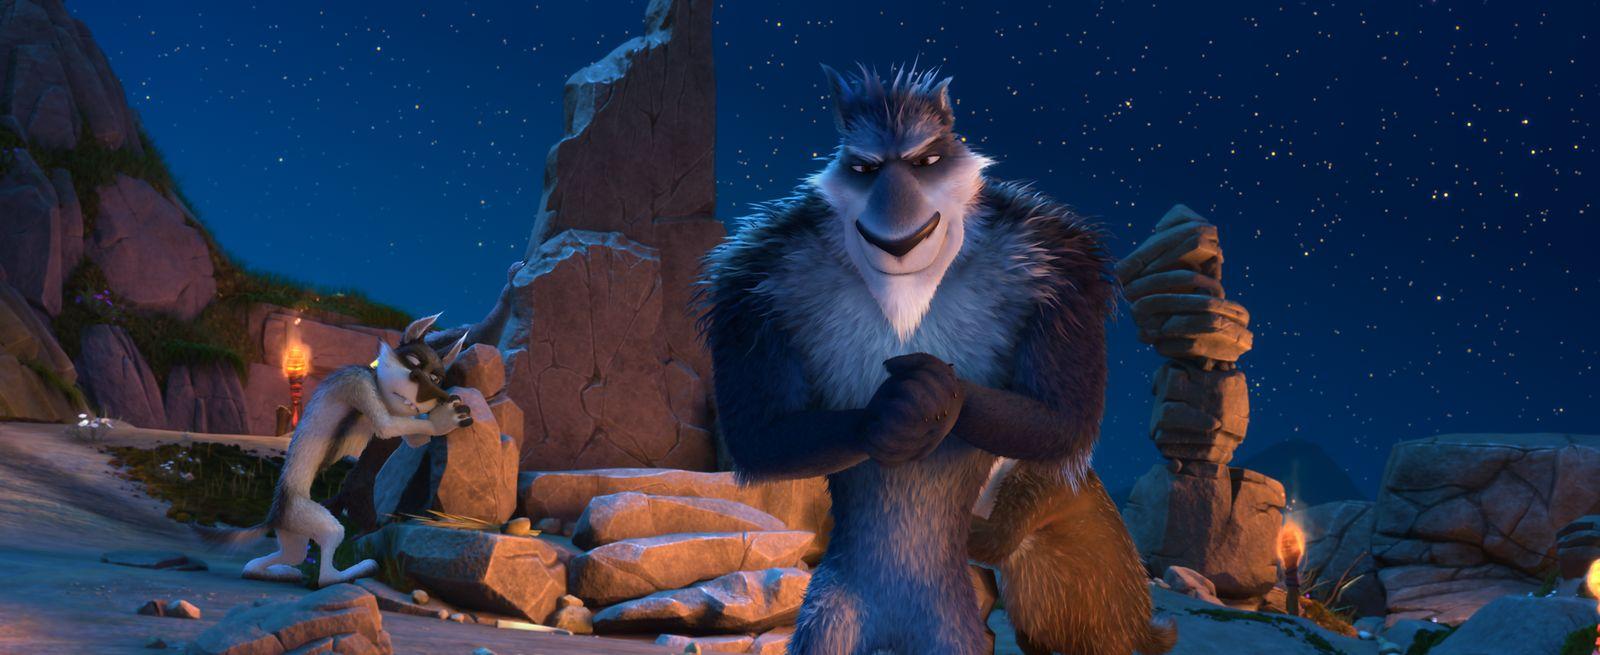 Кадры из фильма скачать мультфильм волки и овцы безумное превращение